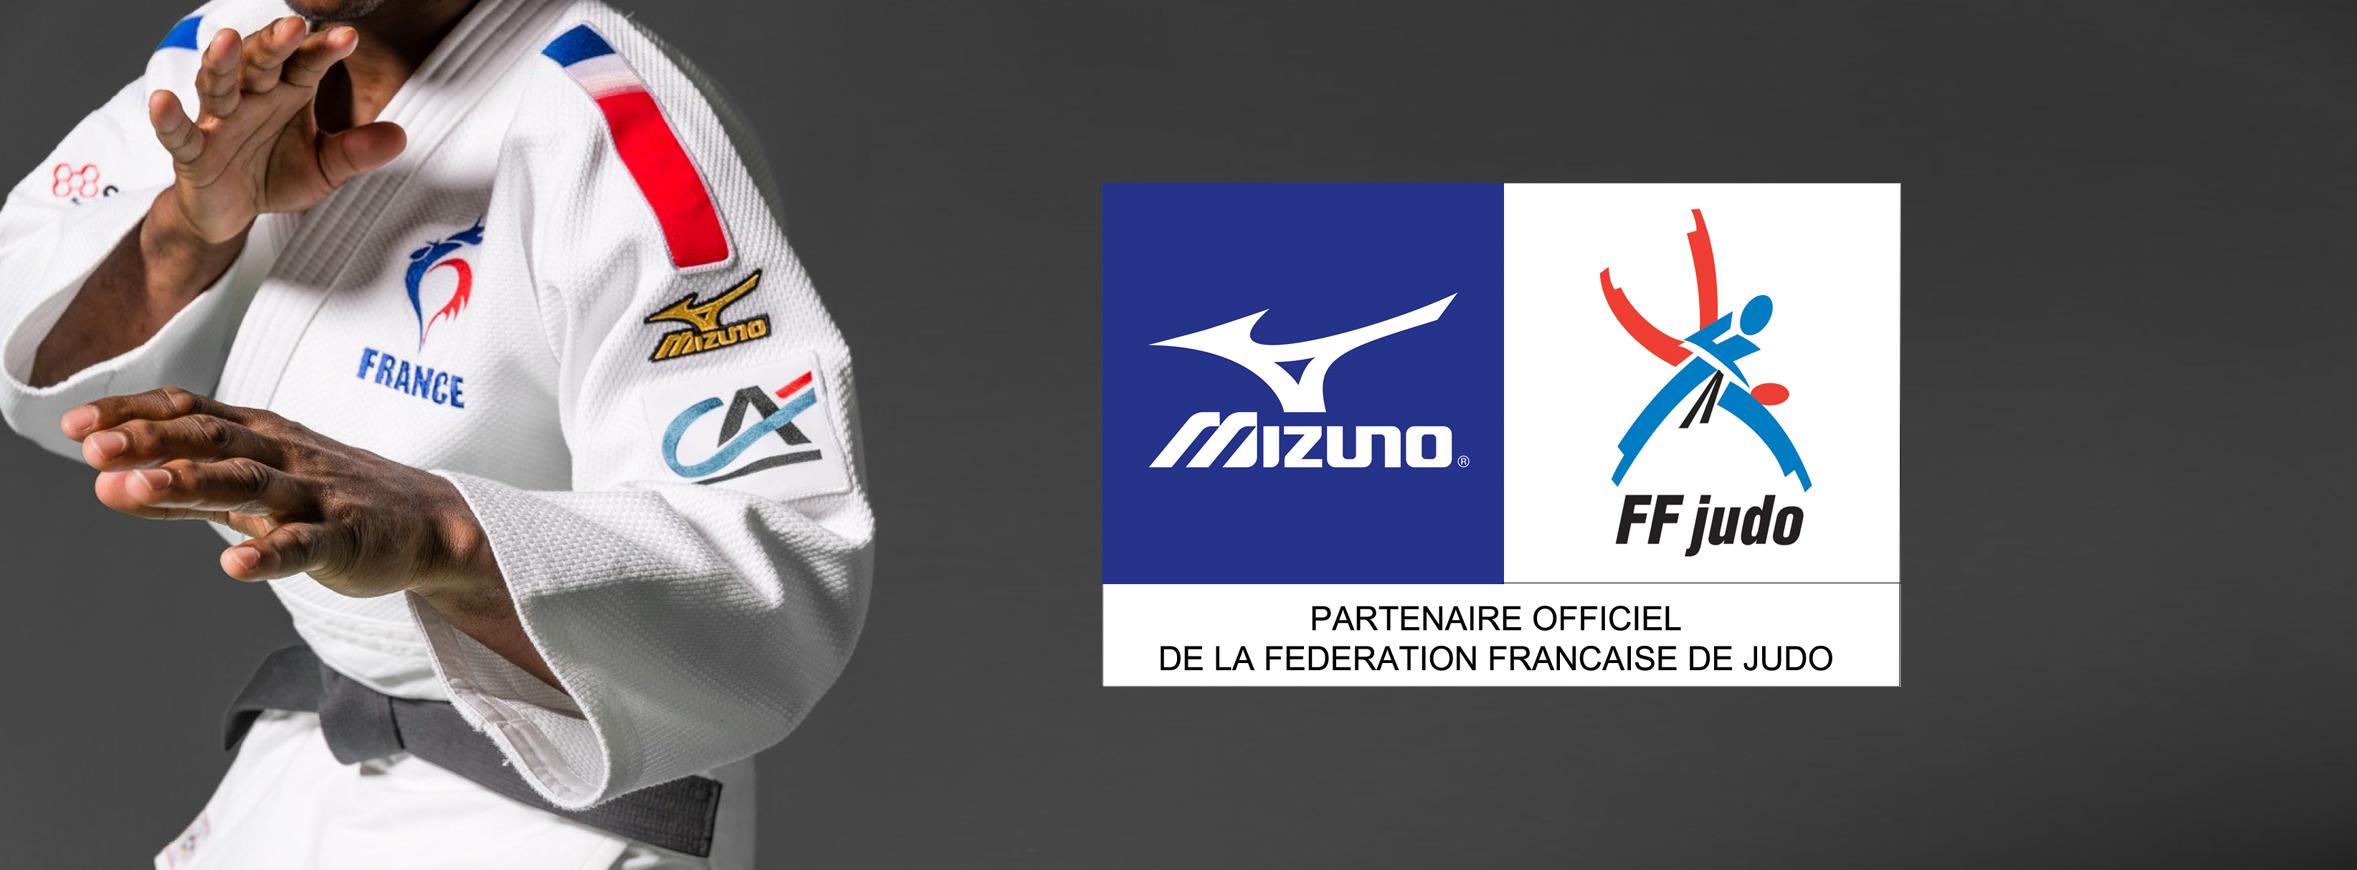 af02628fc1 Pourquoi Mizuno devient Partenaire de la Fédération Française de Judo -  SportBuzzBusiness.fr